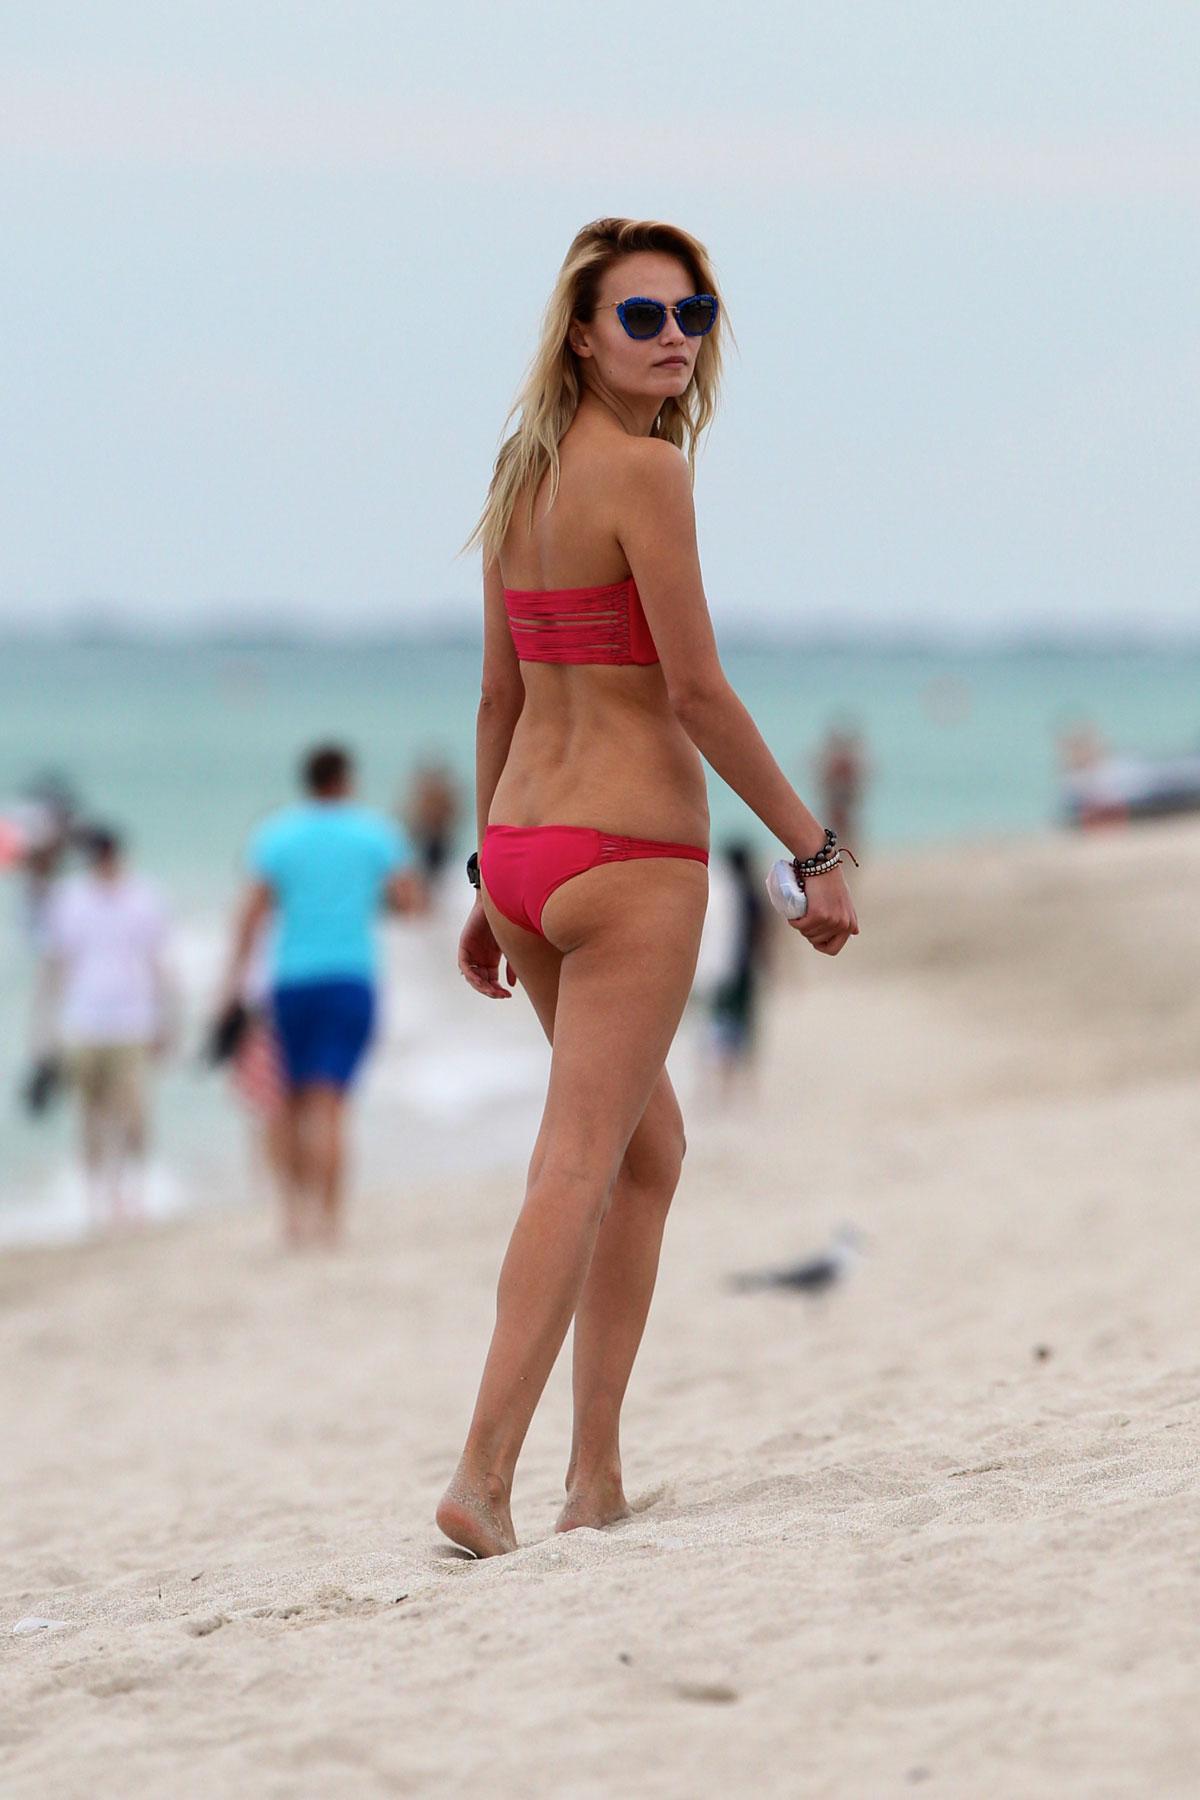 Фото королёва пляже девушек